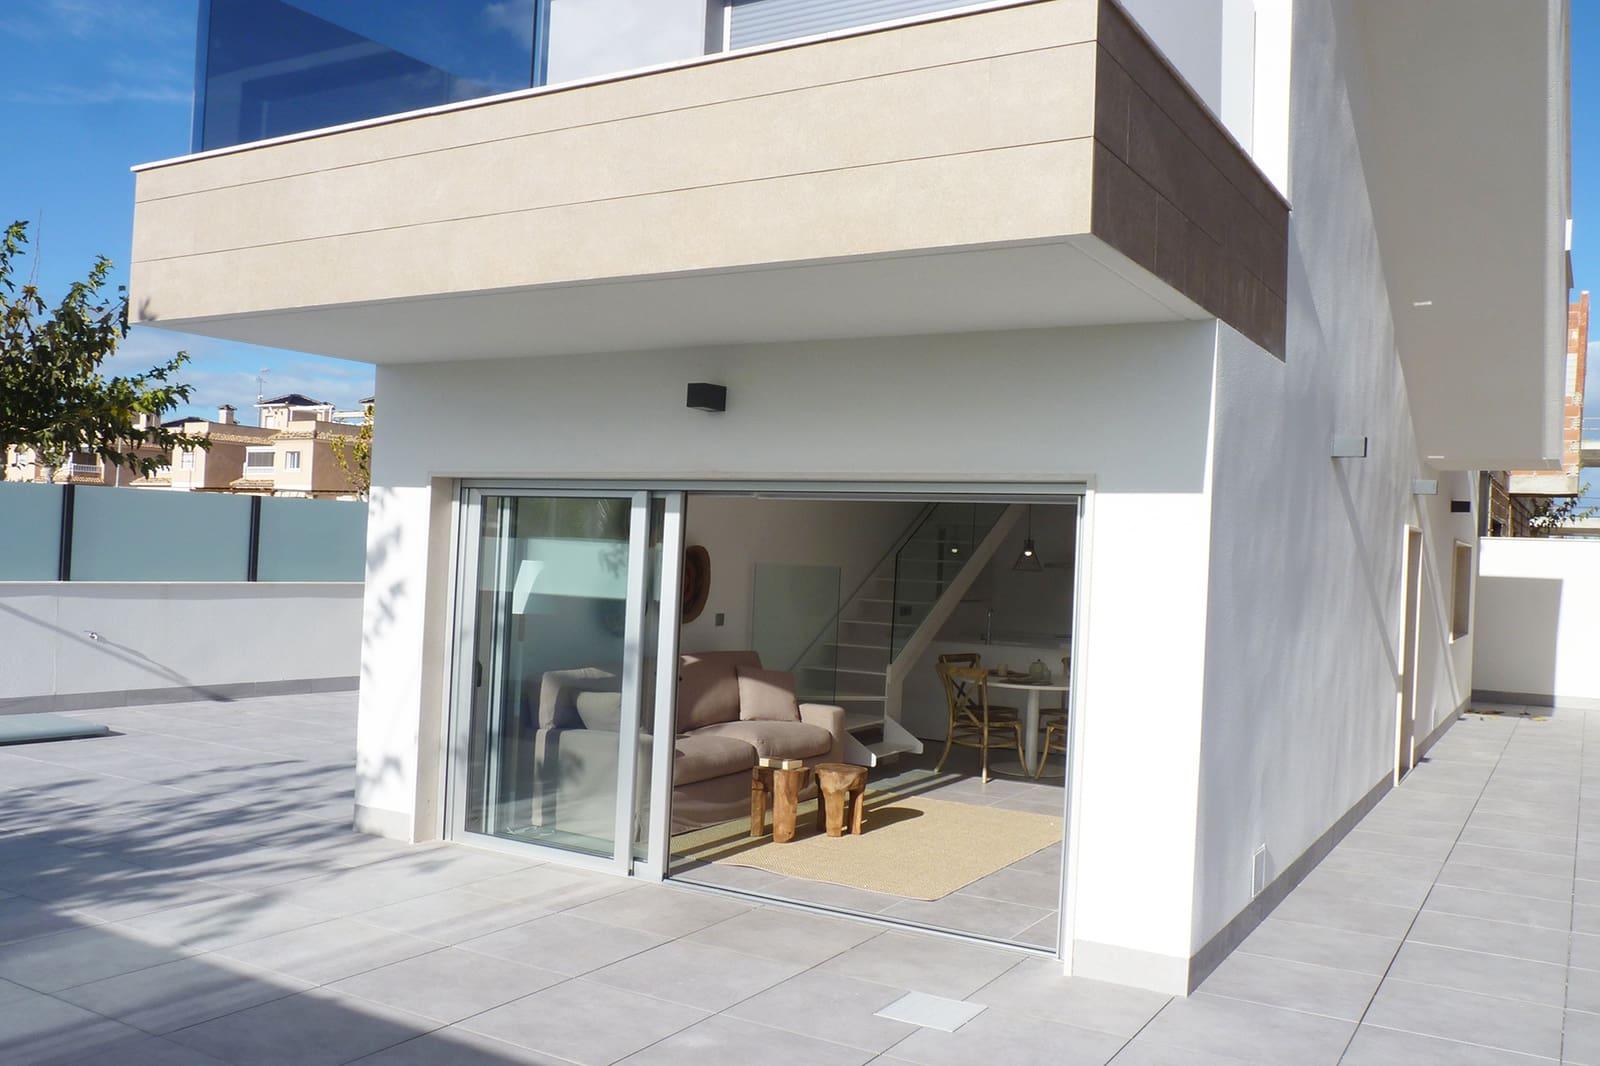 Chalet de 3 habitaciones en Pilar de la Horadada en venta con piscina - 385.000 € (Ref: 4960362)